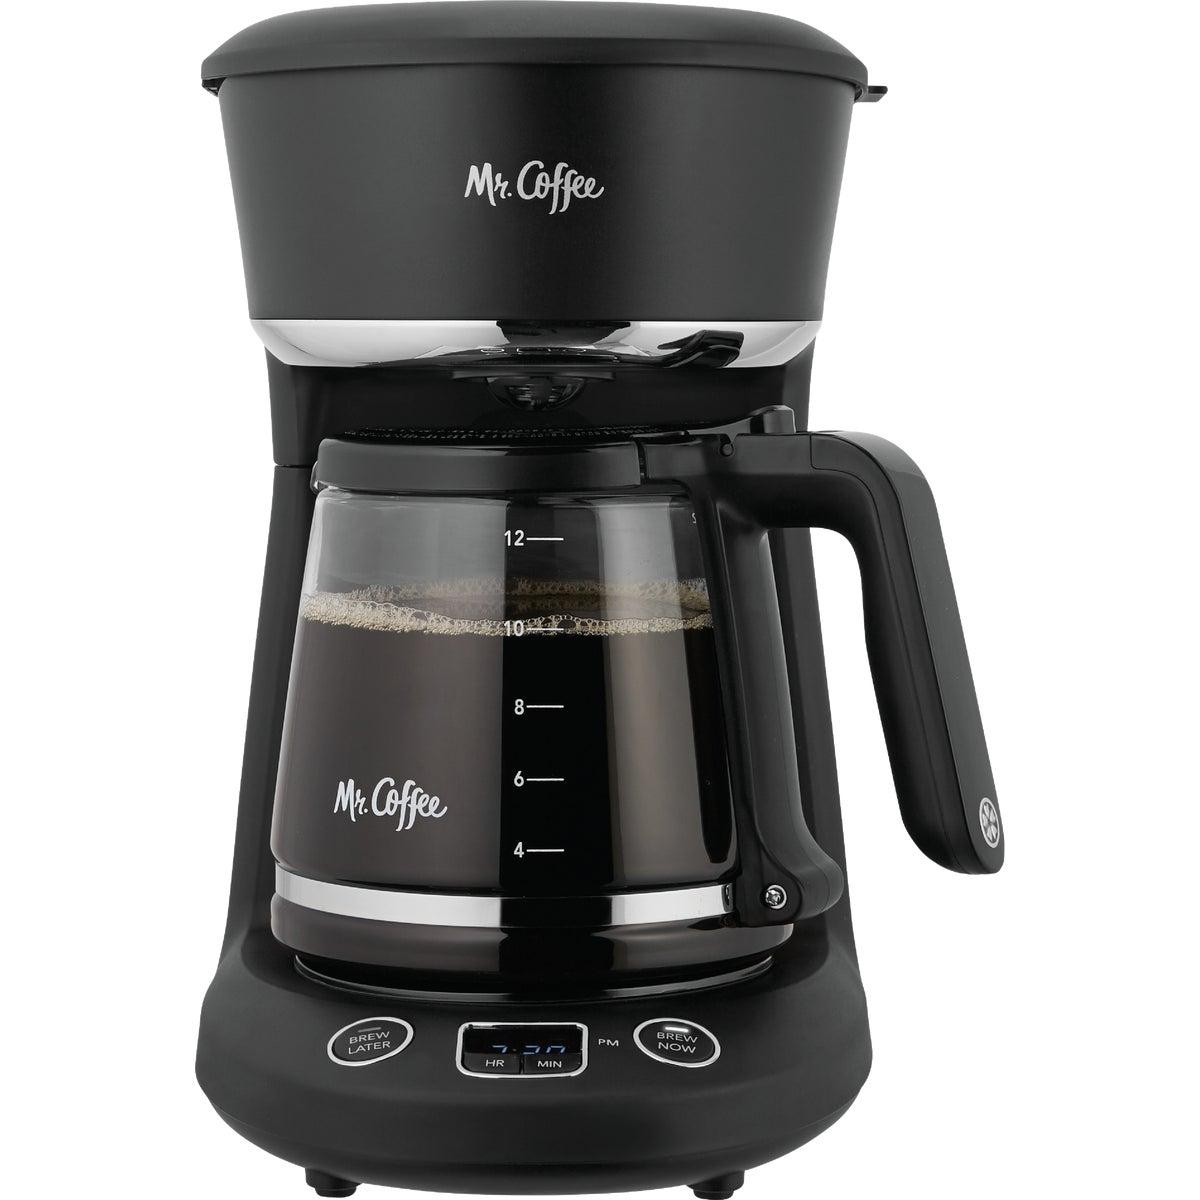 BLK 12 CUP COFFEEMAKER - VBX23-NP by Jarden Cs